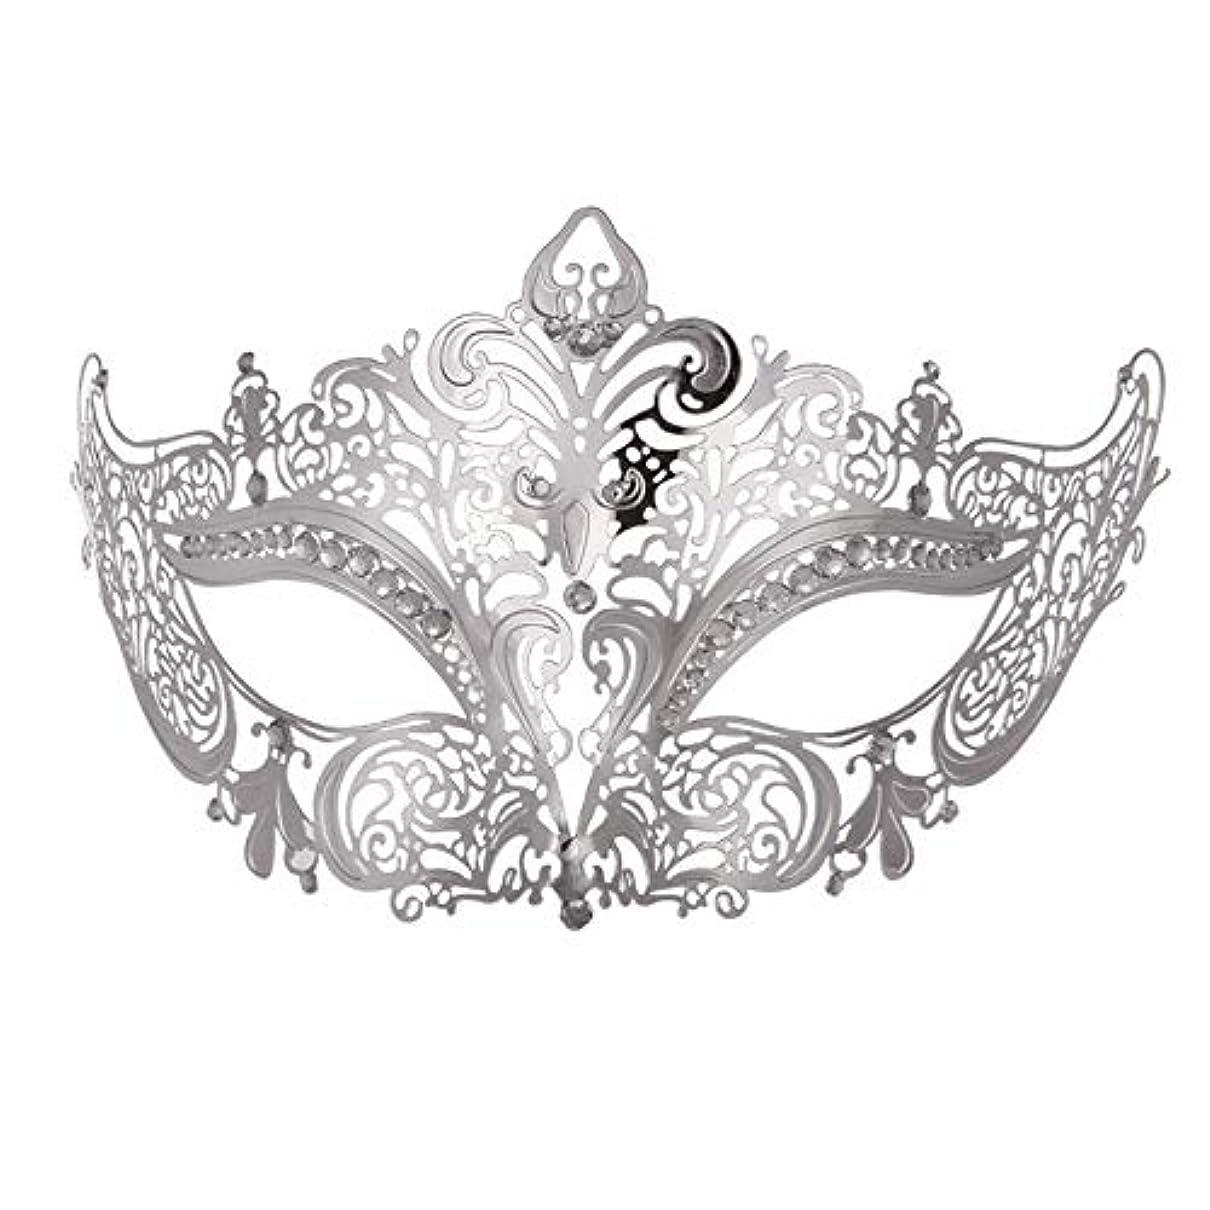 グレースチュアート島うつダンスマスク 高級金メッキ銀マスク仮装小道具ロールプレイングナイトクラブパーティーマスク ホリデーパーティー用品 (色 : 銀, サイズ : Universal)